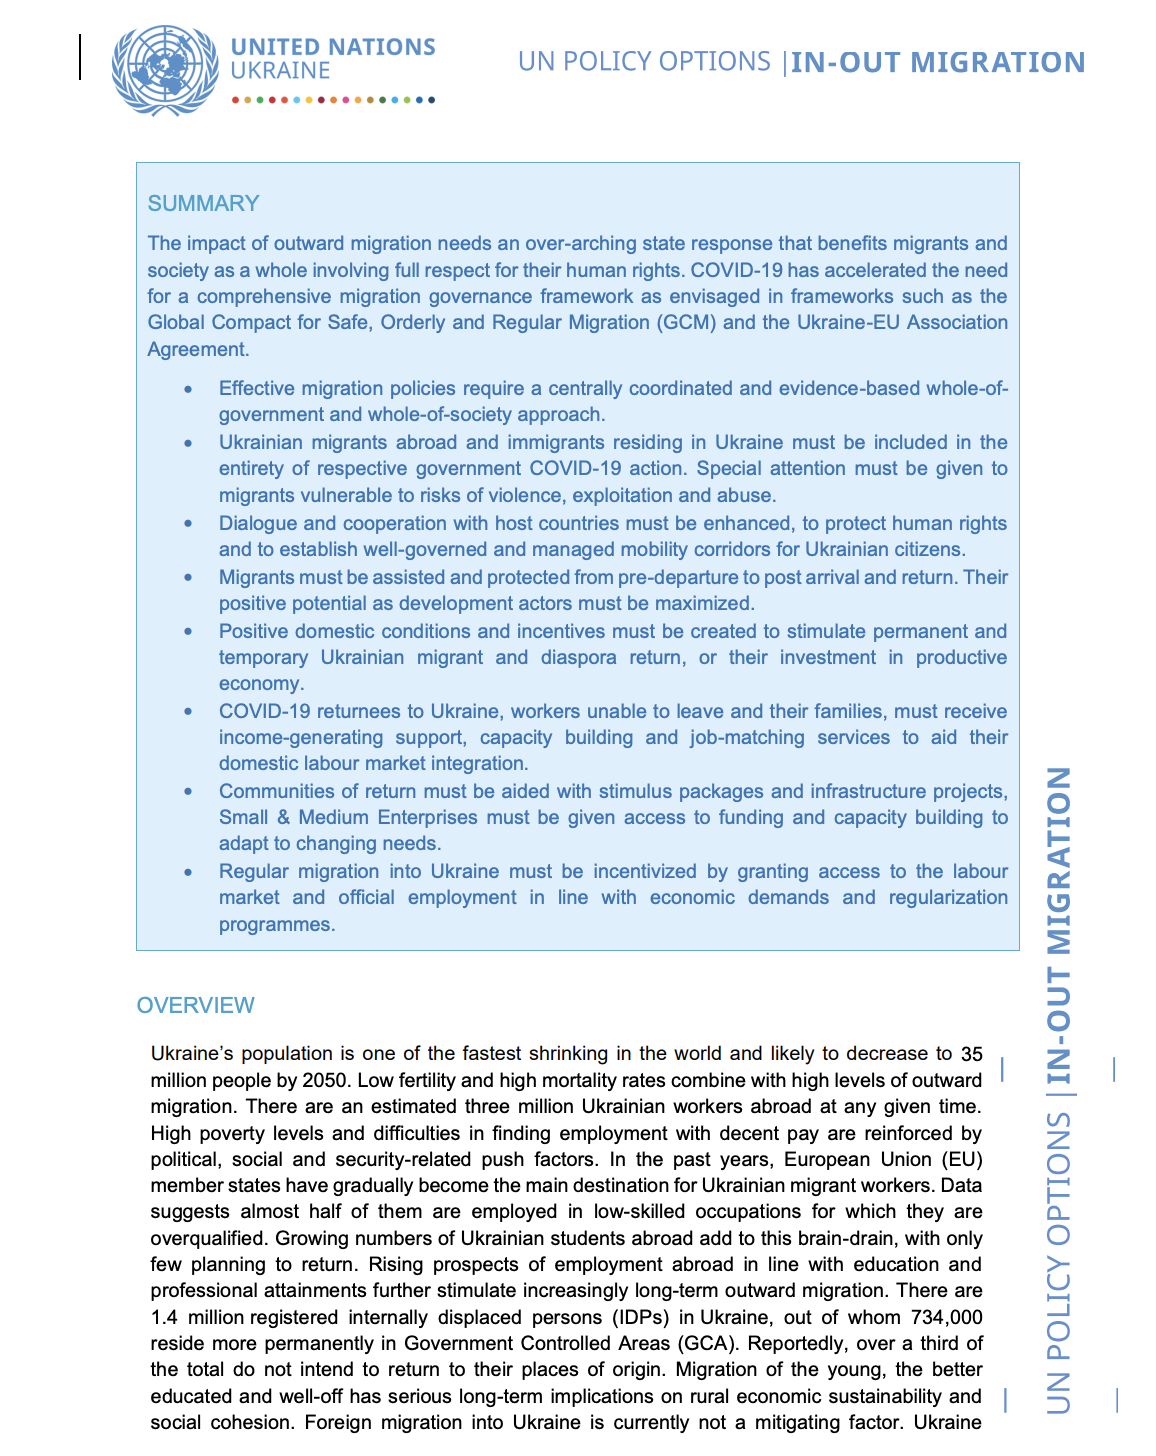 Аналітична довідка ООН: Міграція до та з України